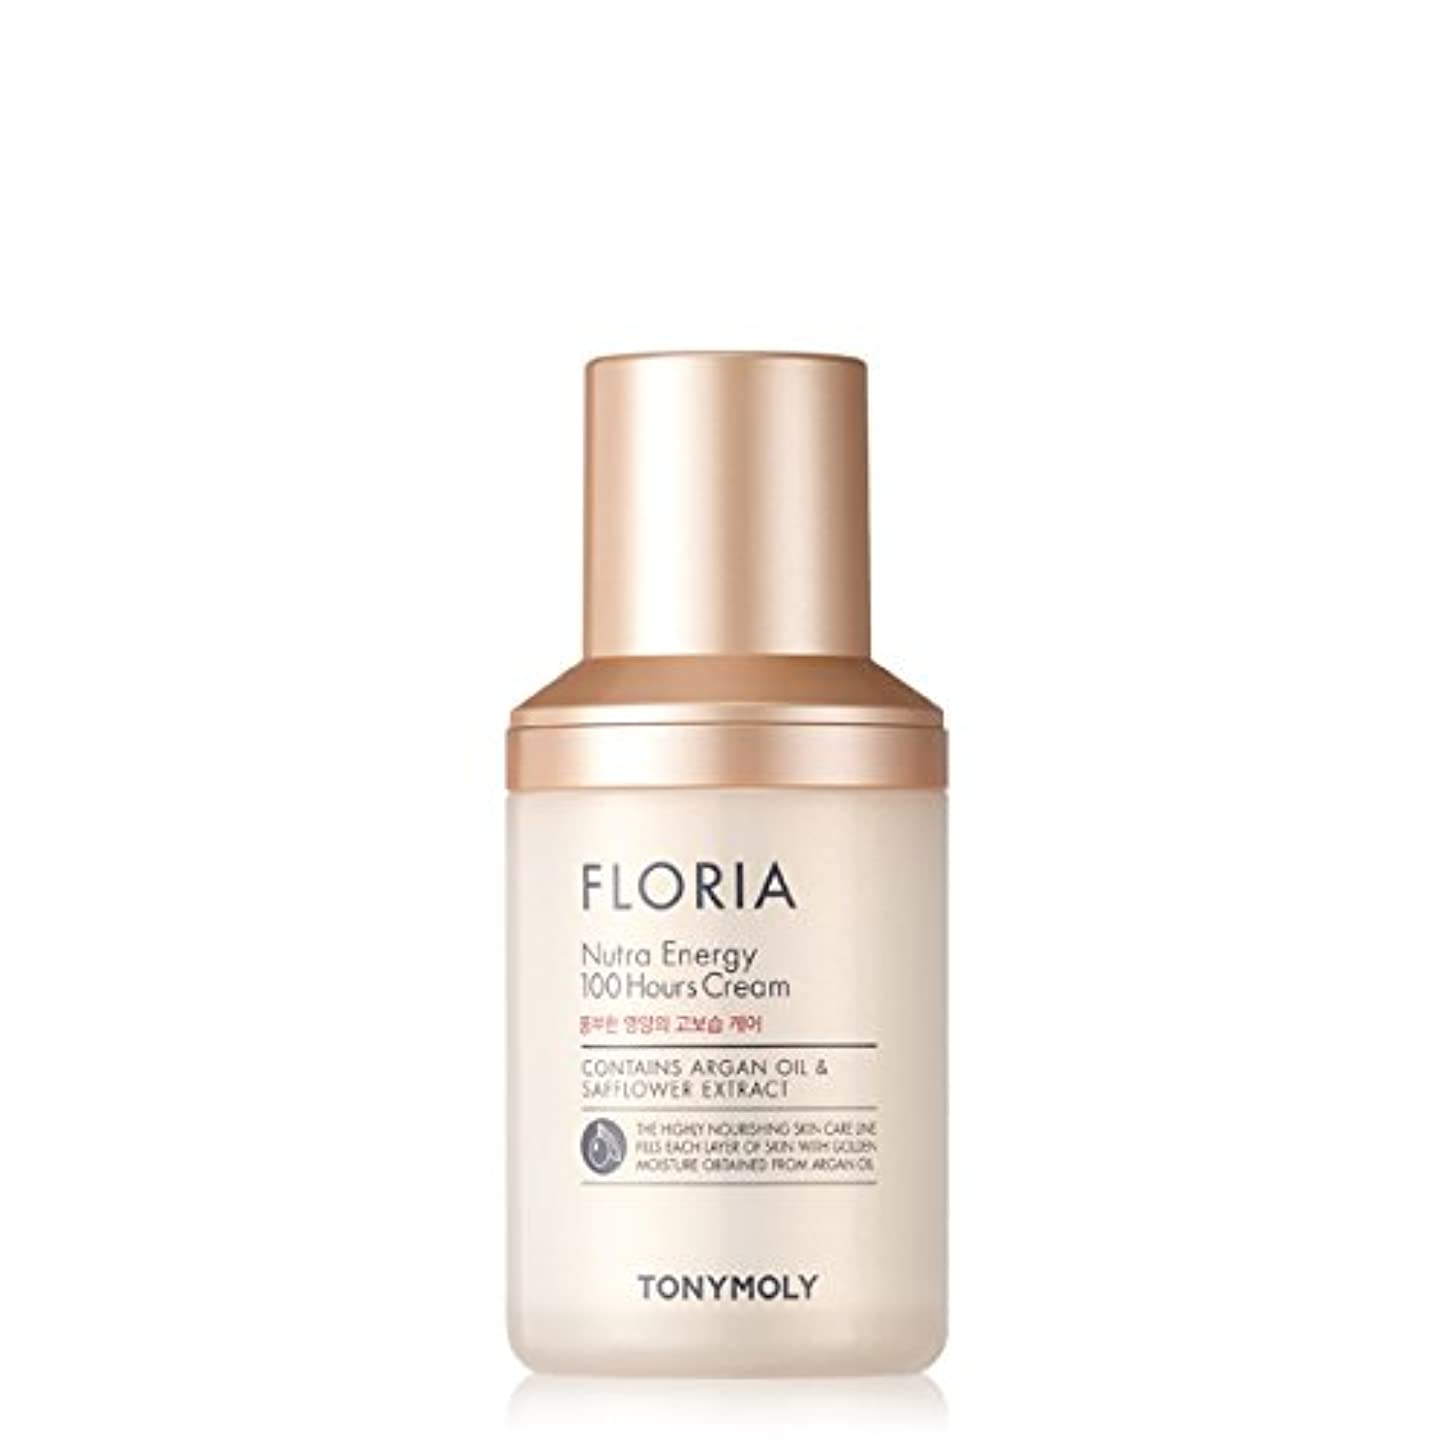 休みうなり声松明[NEW] TONY MOLY Floria Nutra energy 100 hours Cream 50ml トニーモリー フローリア ニュートラ エナジー 100時間 クリーム 50ml [並行輸入品]